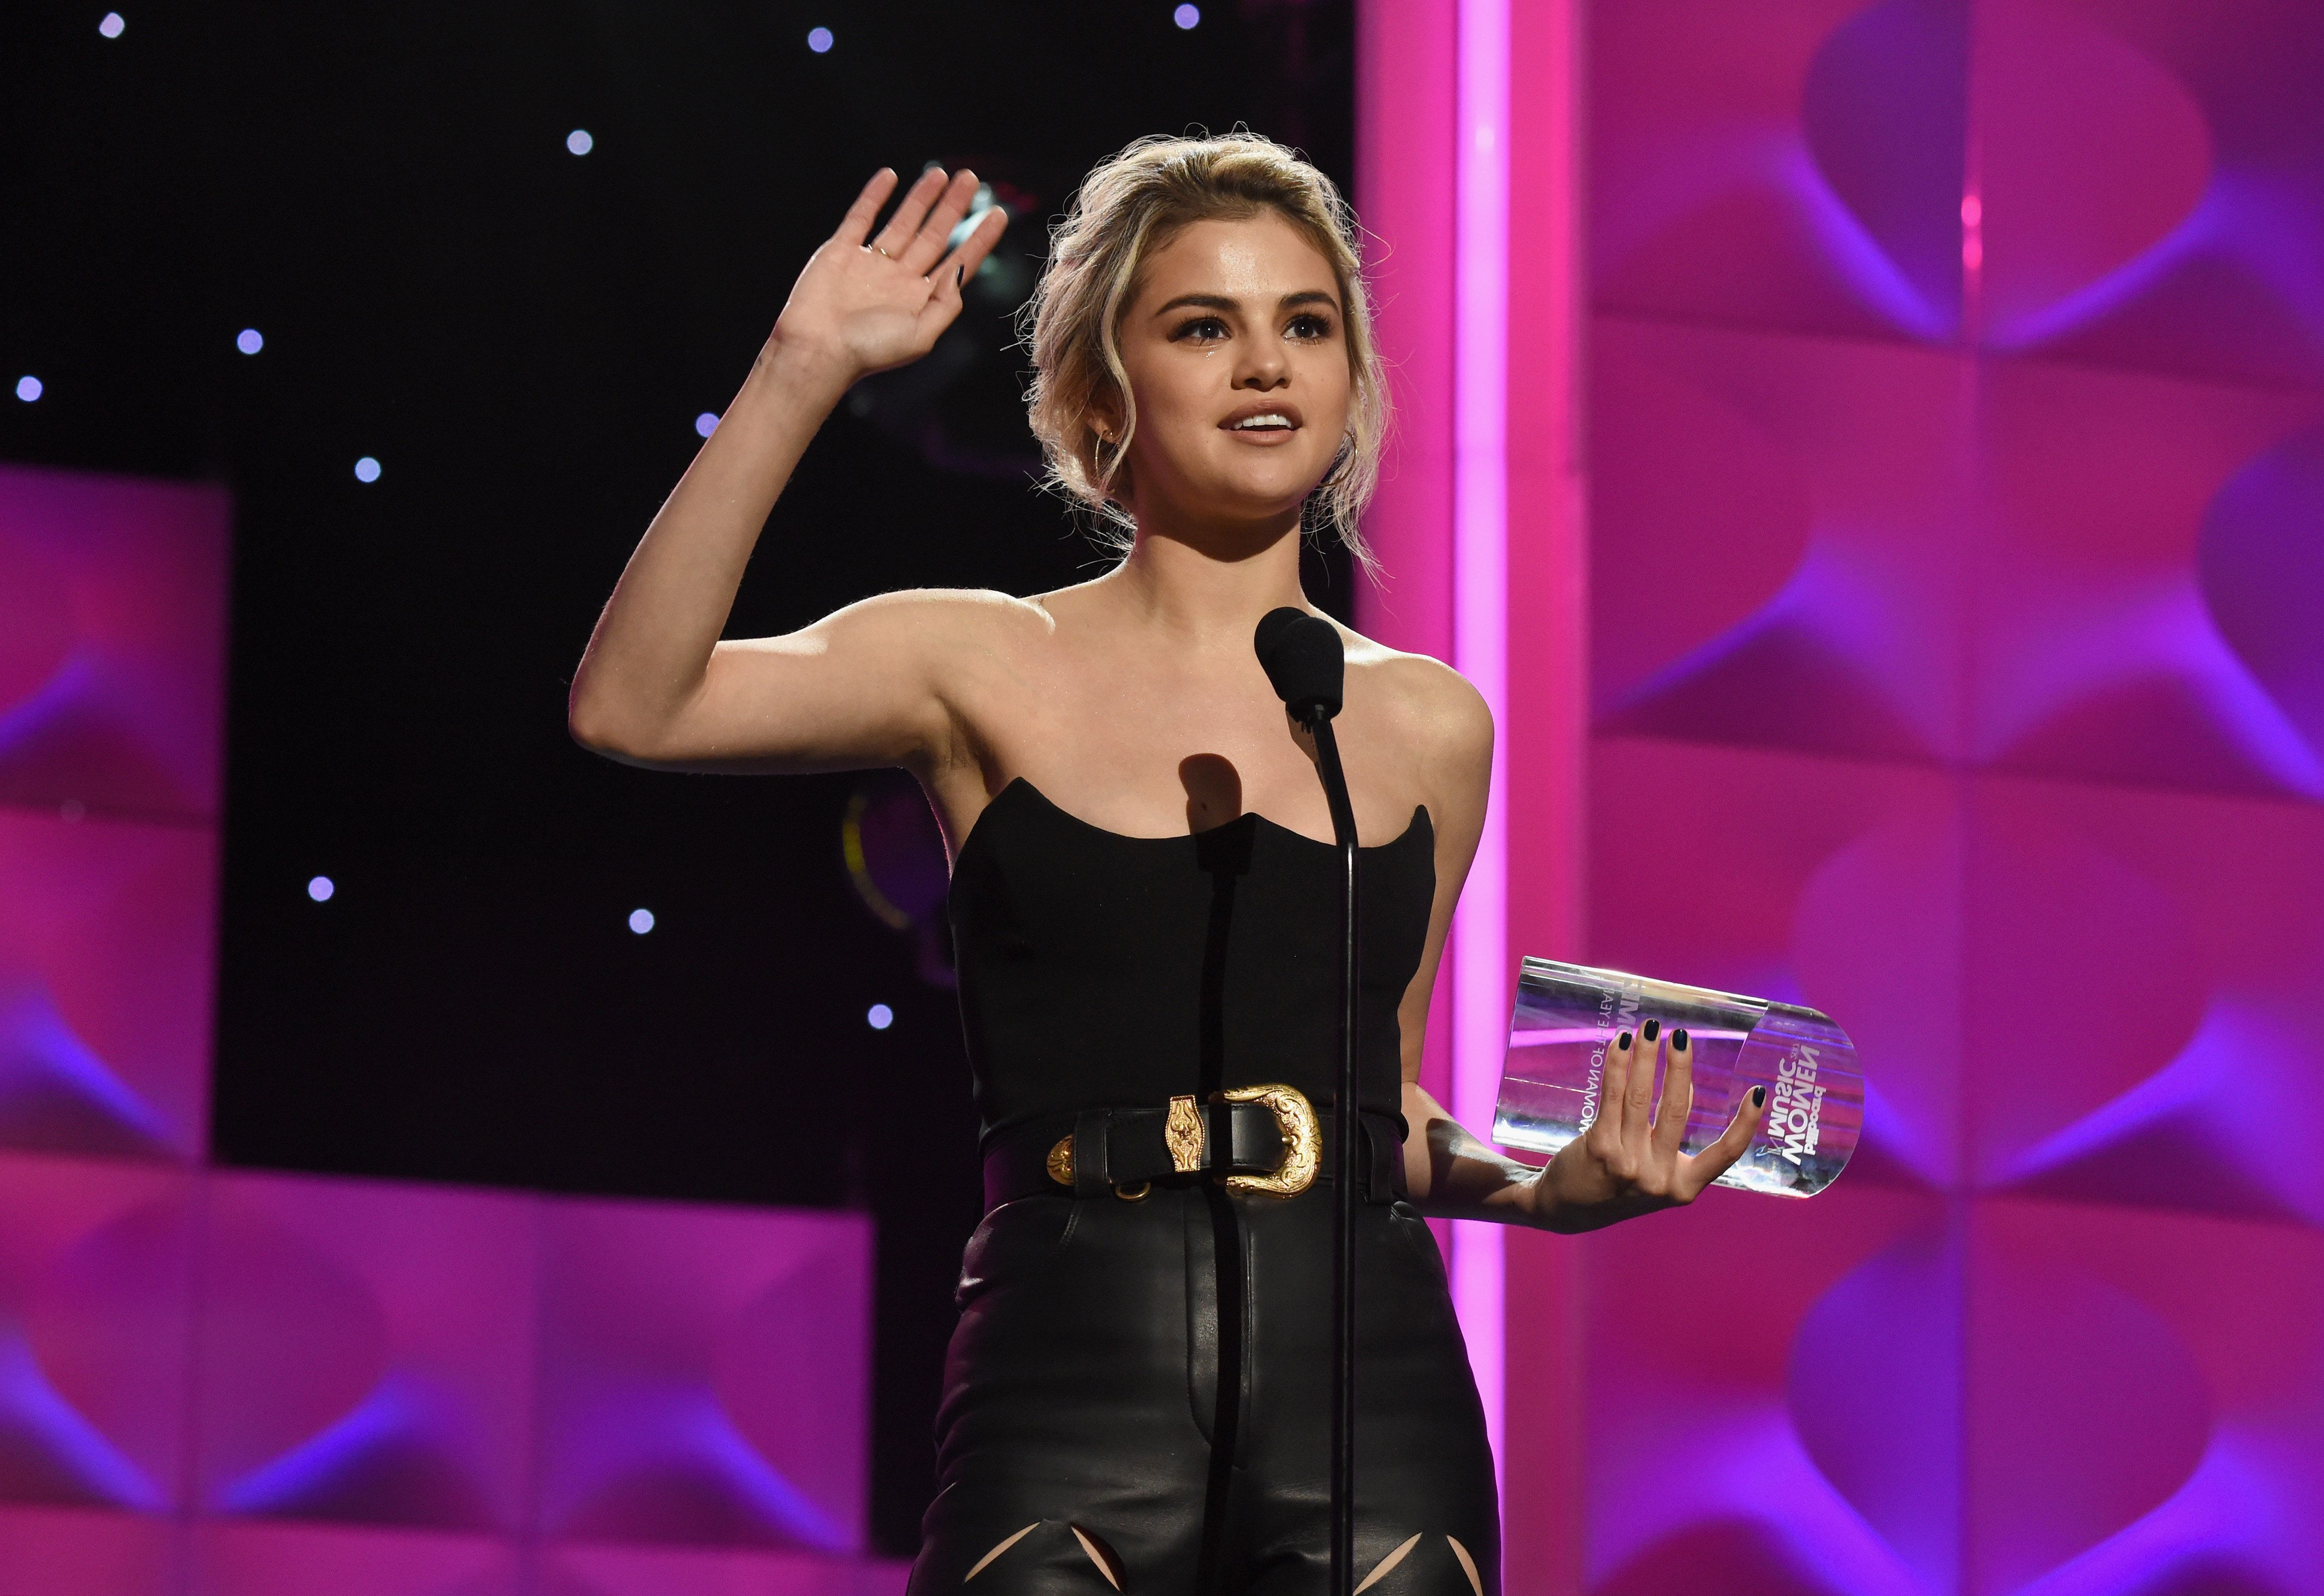 Η (πολύ συγκινημένη) Selena Gomez είναι η Γυναίκα της Χρονιάς για τα βραβεία